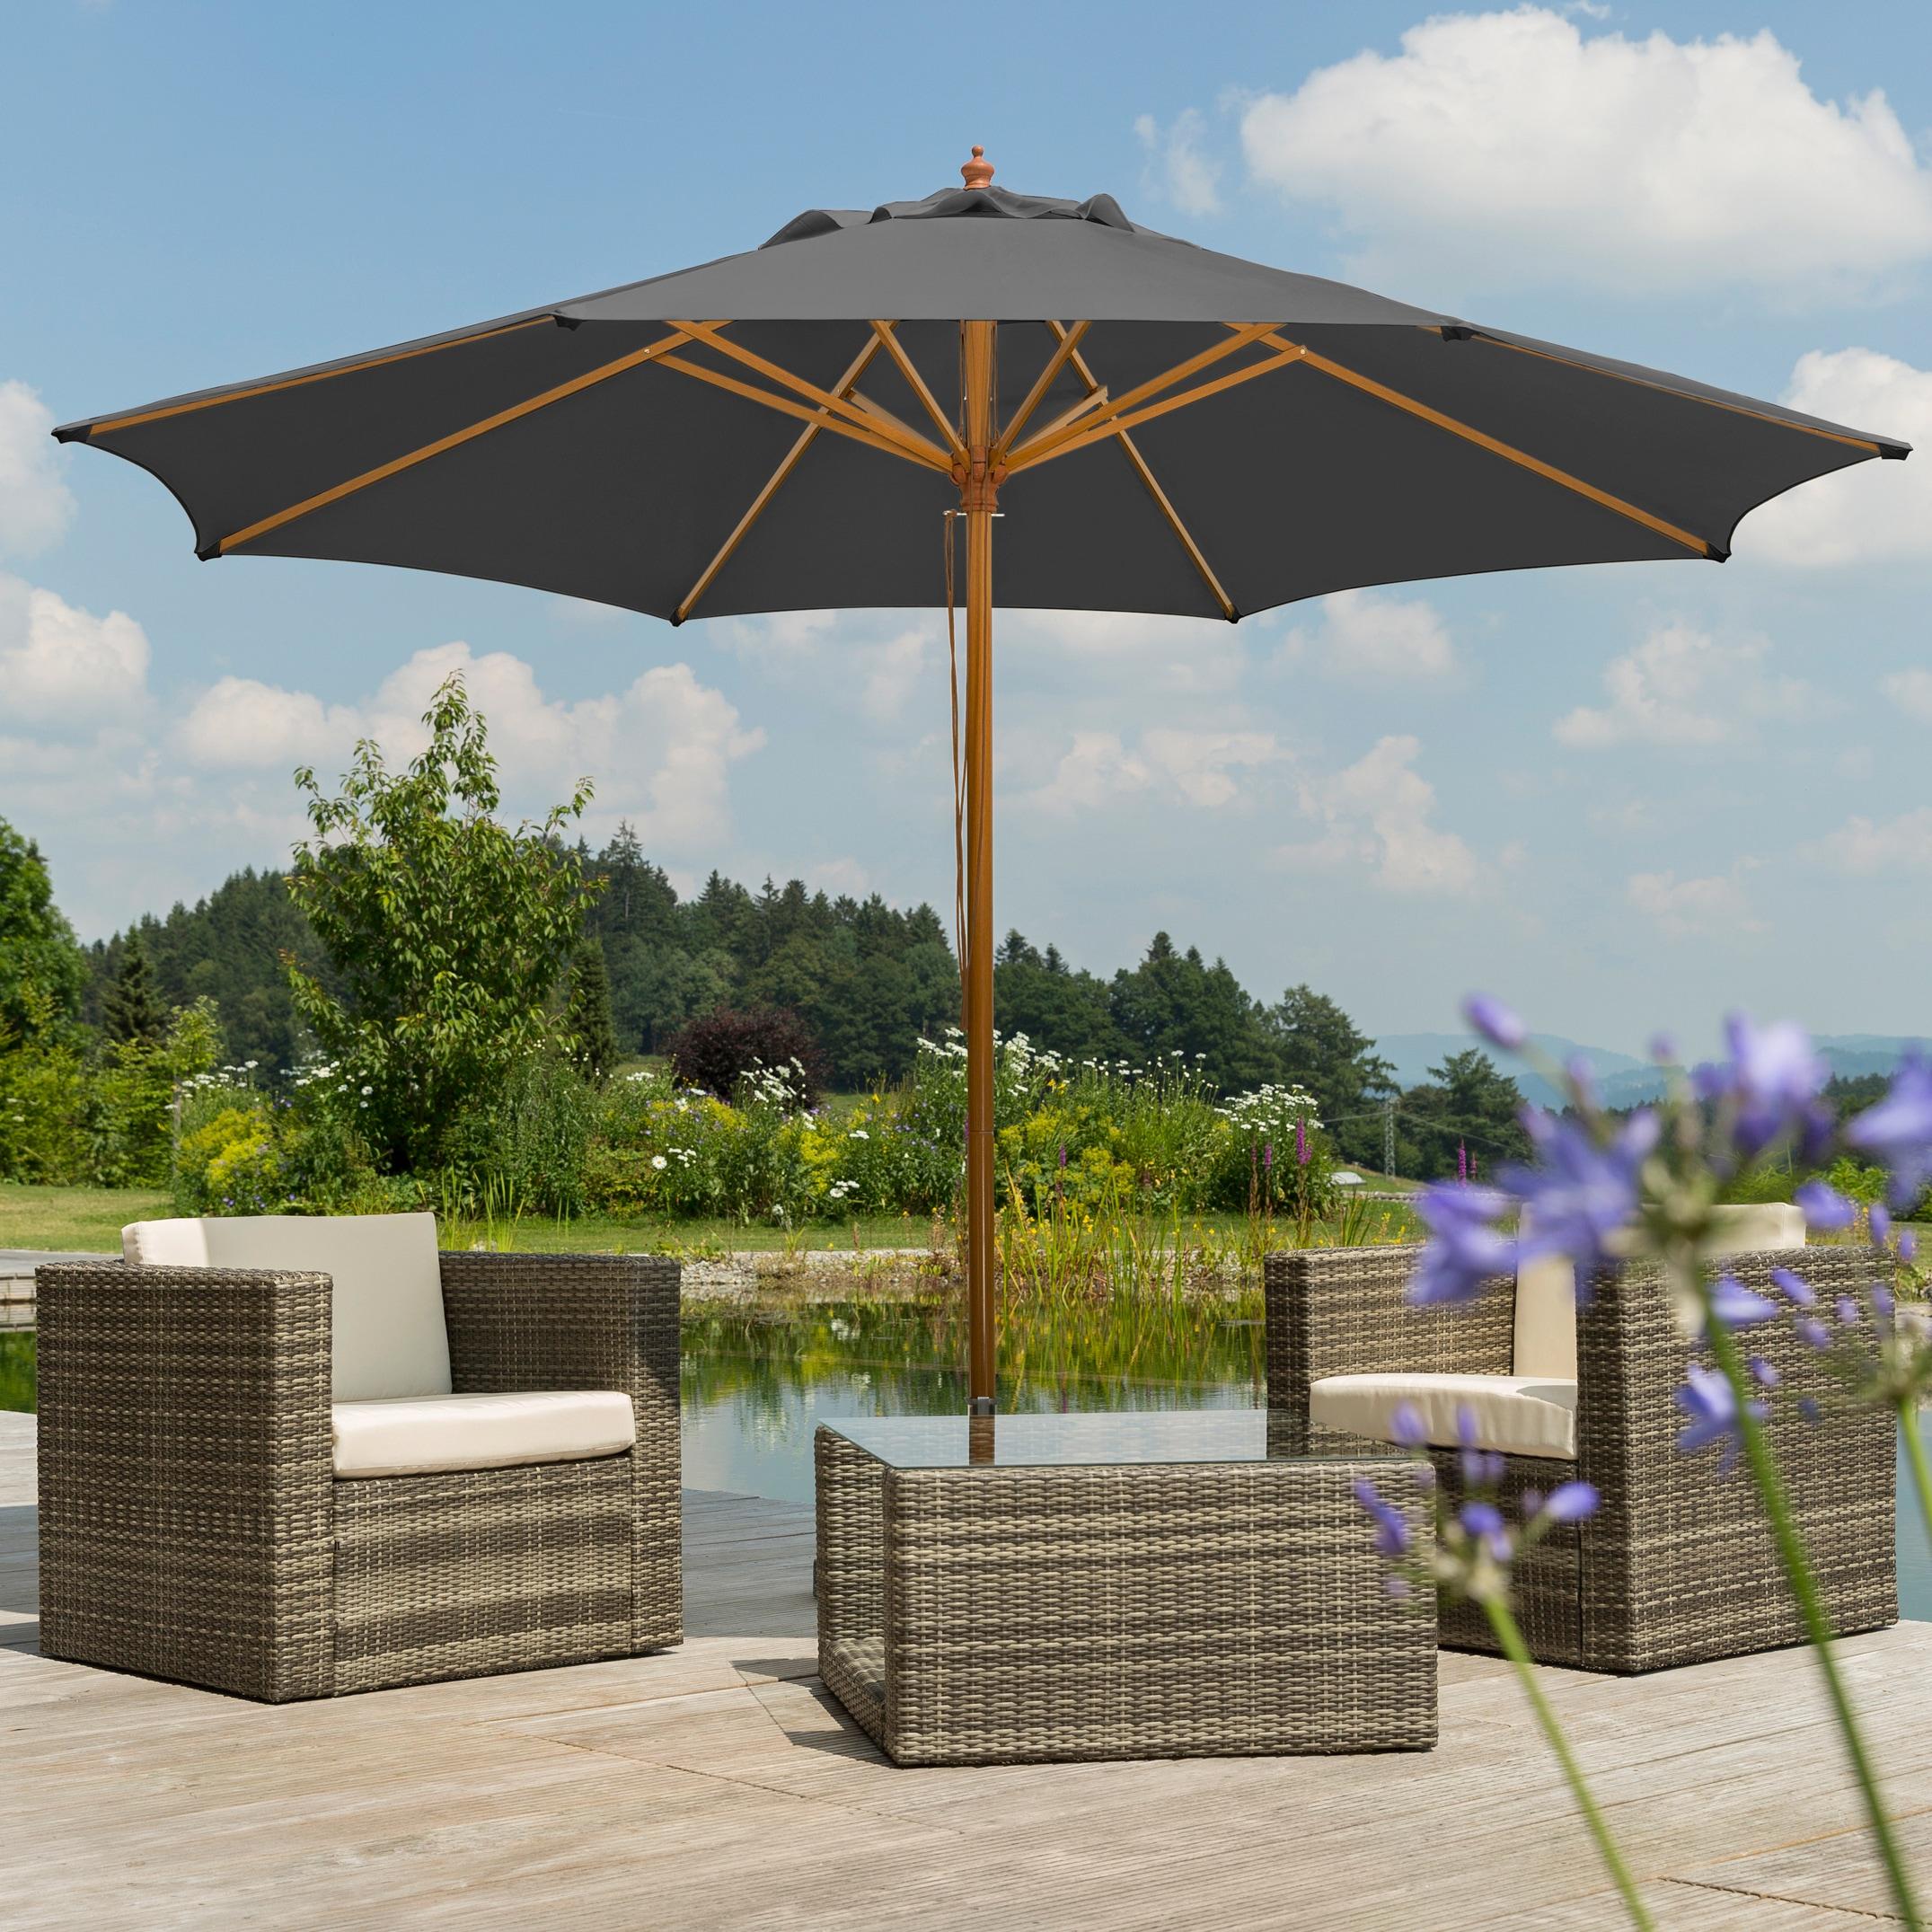 Schneider Schirme Sonnenschirm Malaga, ohne Schirmständer grau Sonnenschirme -segel Gartenmöbel Gartendeko